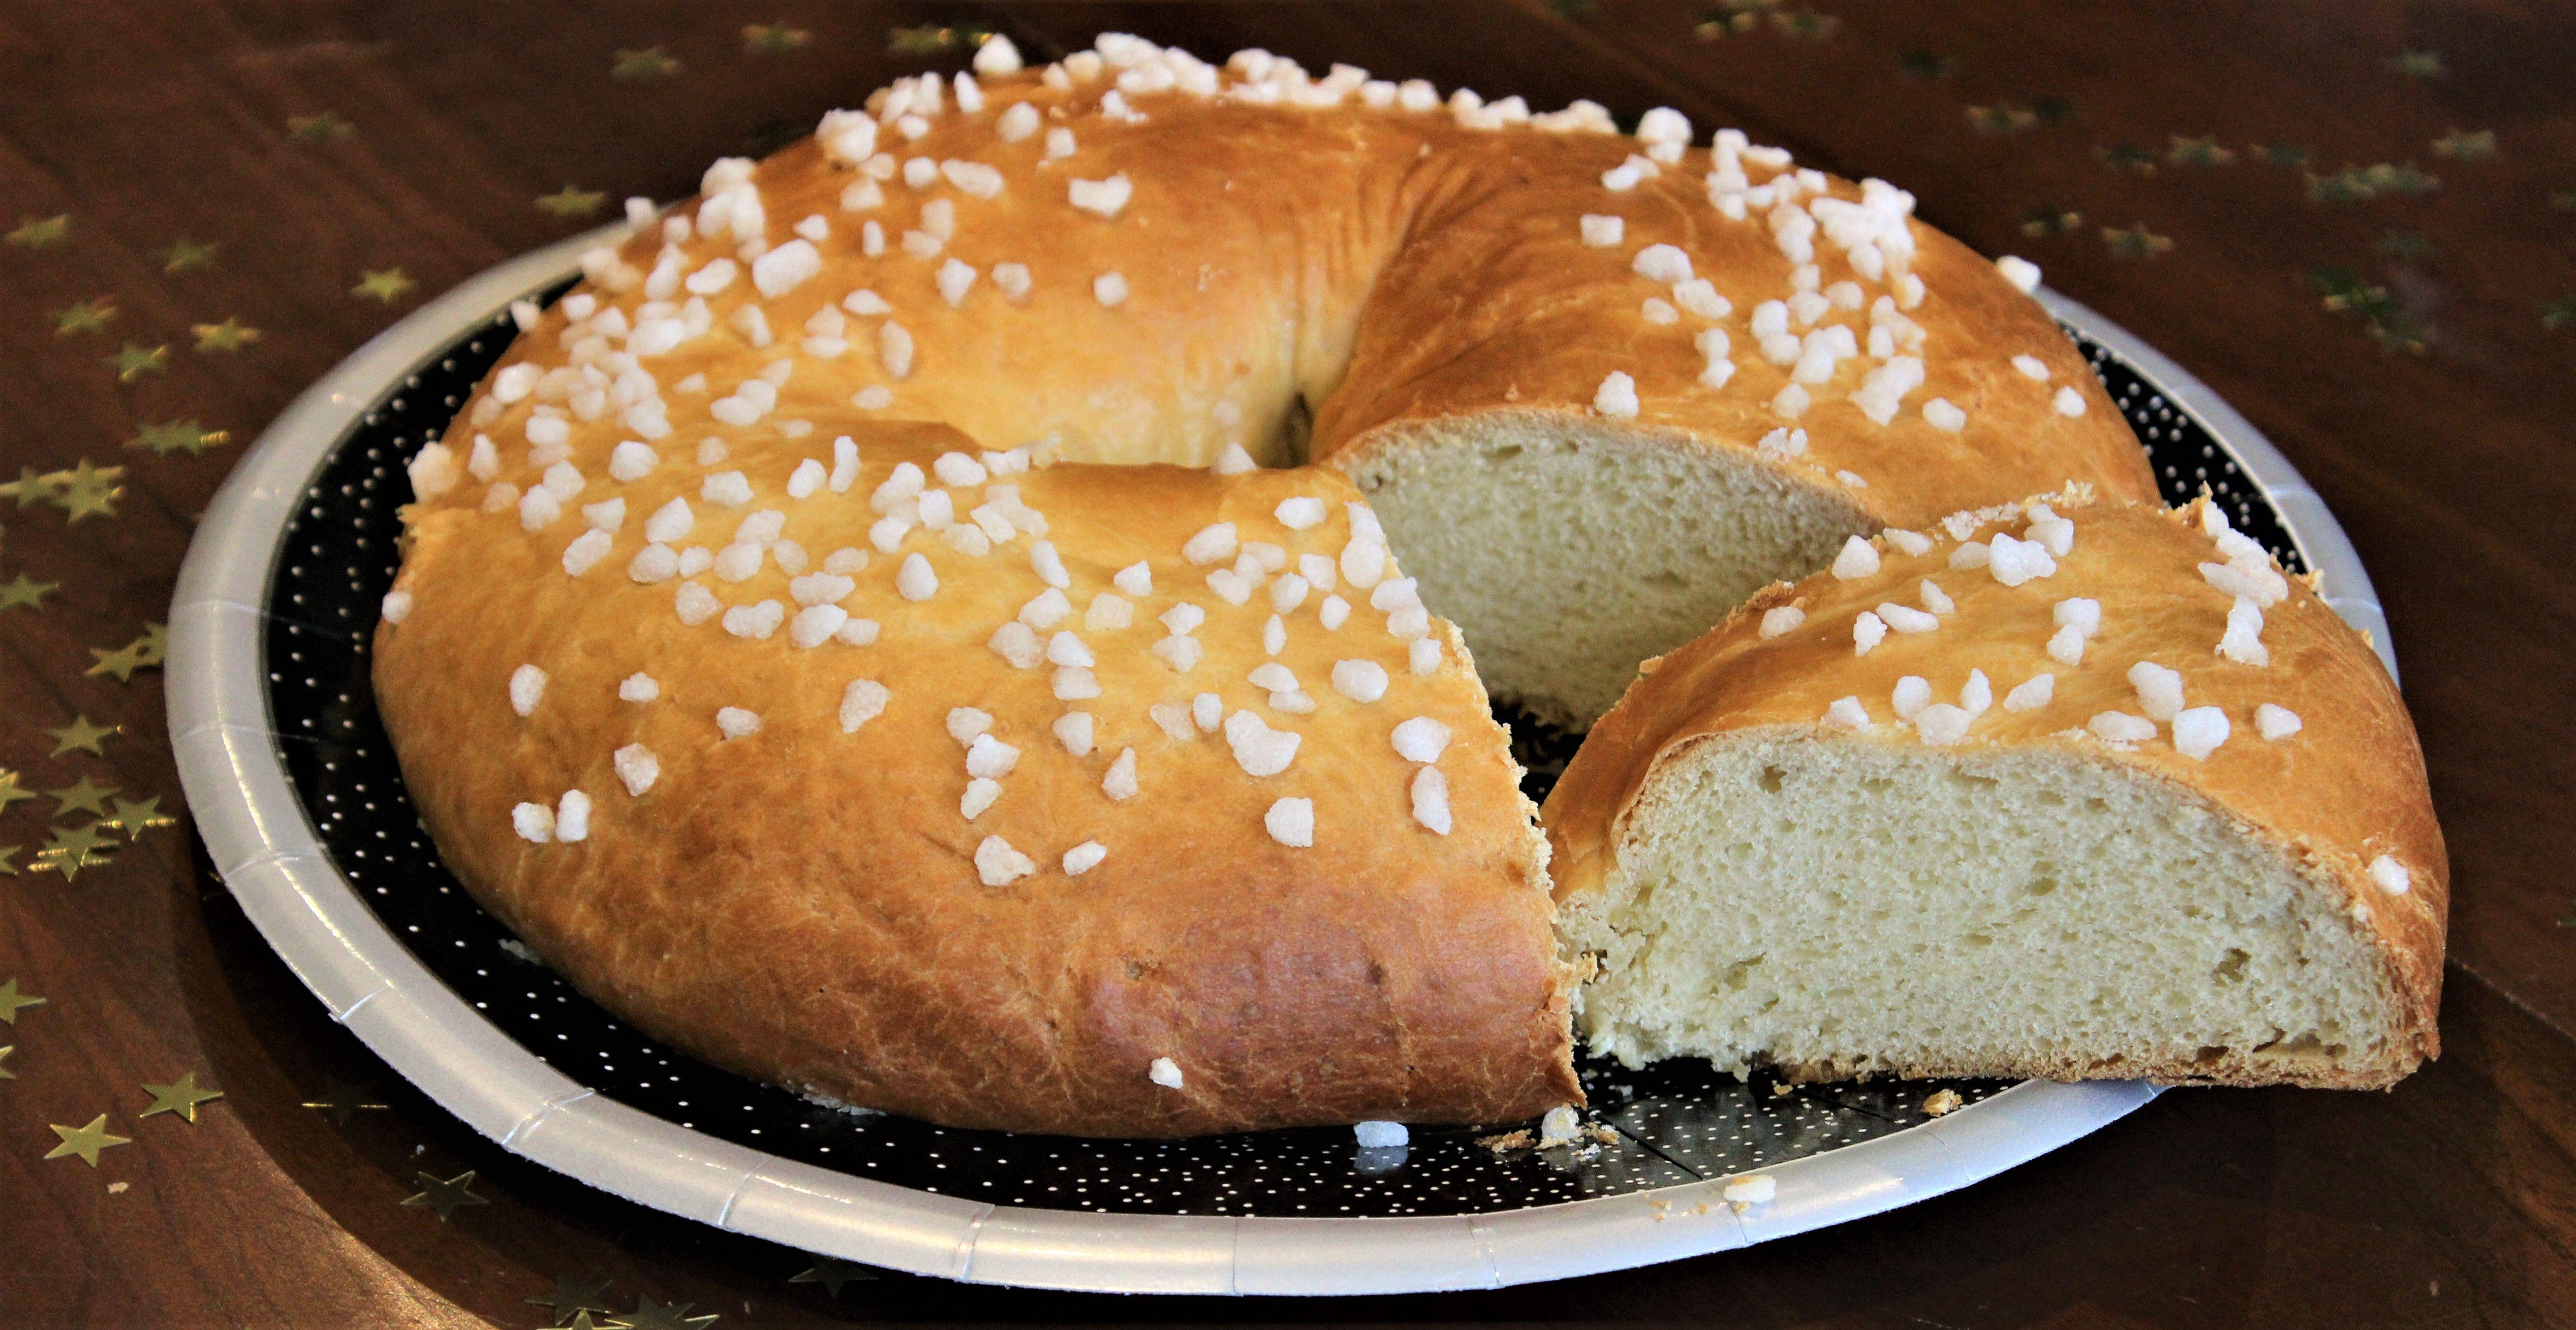 Pour une fouace de 6/8 personnes : 280 g de farine (tamisée) 85 g de lait (ou 85 ml) 75 g de beurre mou 10 g de levure fraîche de boulanger 1 œuf 2 cuillères à soupe de miel 2 cuillères à soupe de sucre 2 cuillères à soupe de fleur d'oranger (ou 1 suivant les goûts) 1/2 cuillère à café de sel sucre en …